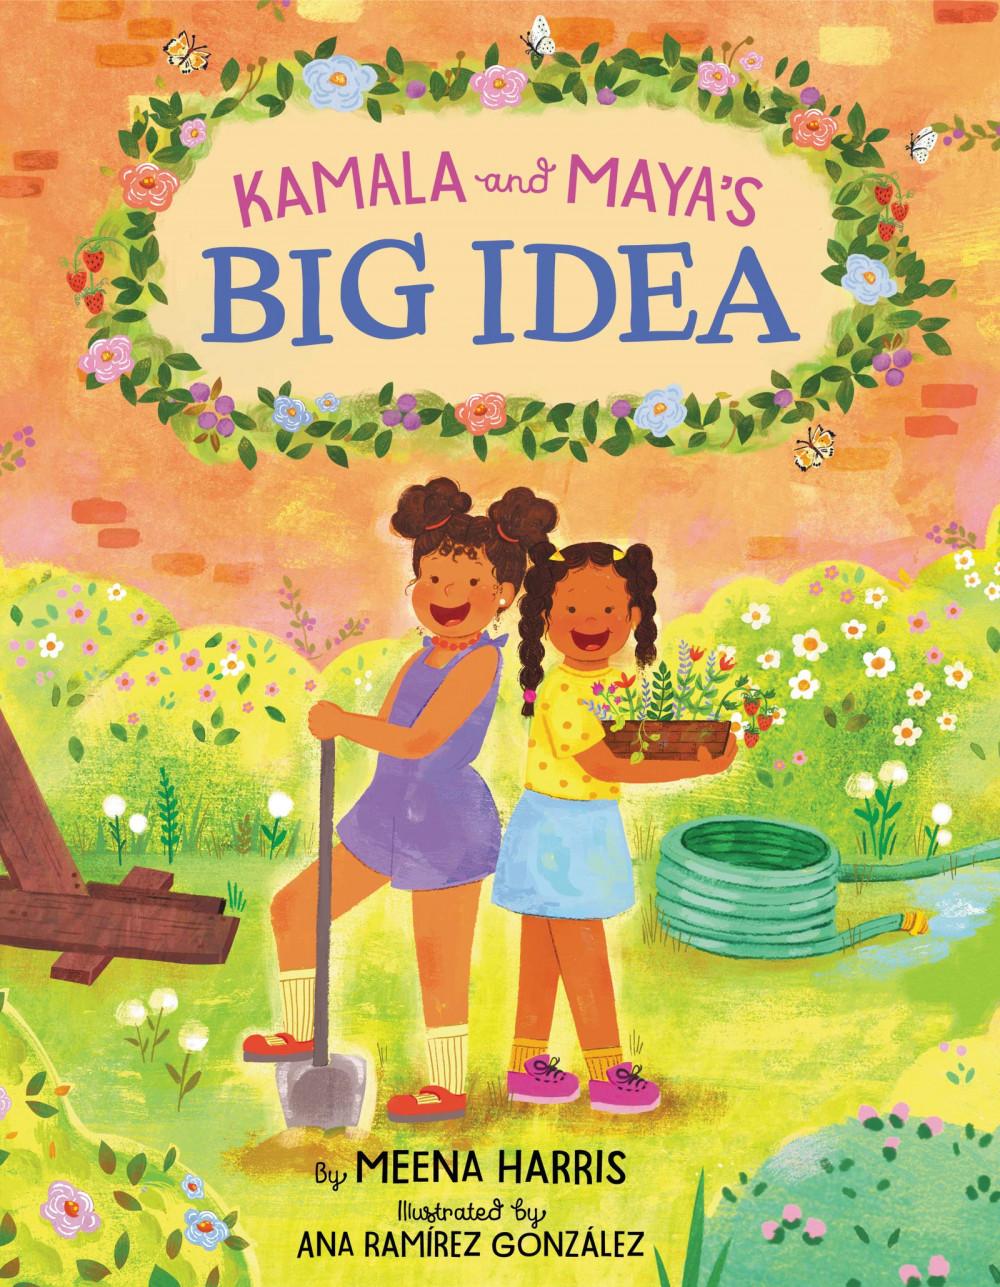 Cuốn sách lấy cảm hứng từ câu chuyện trong gia đình của Kamala Harris do Meena Harris viết